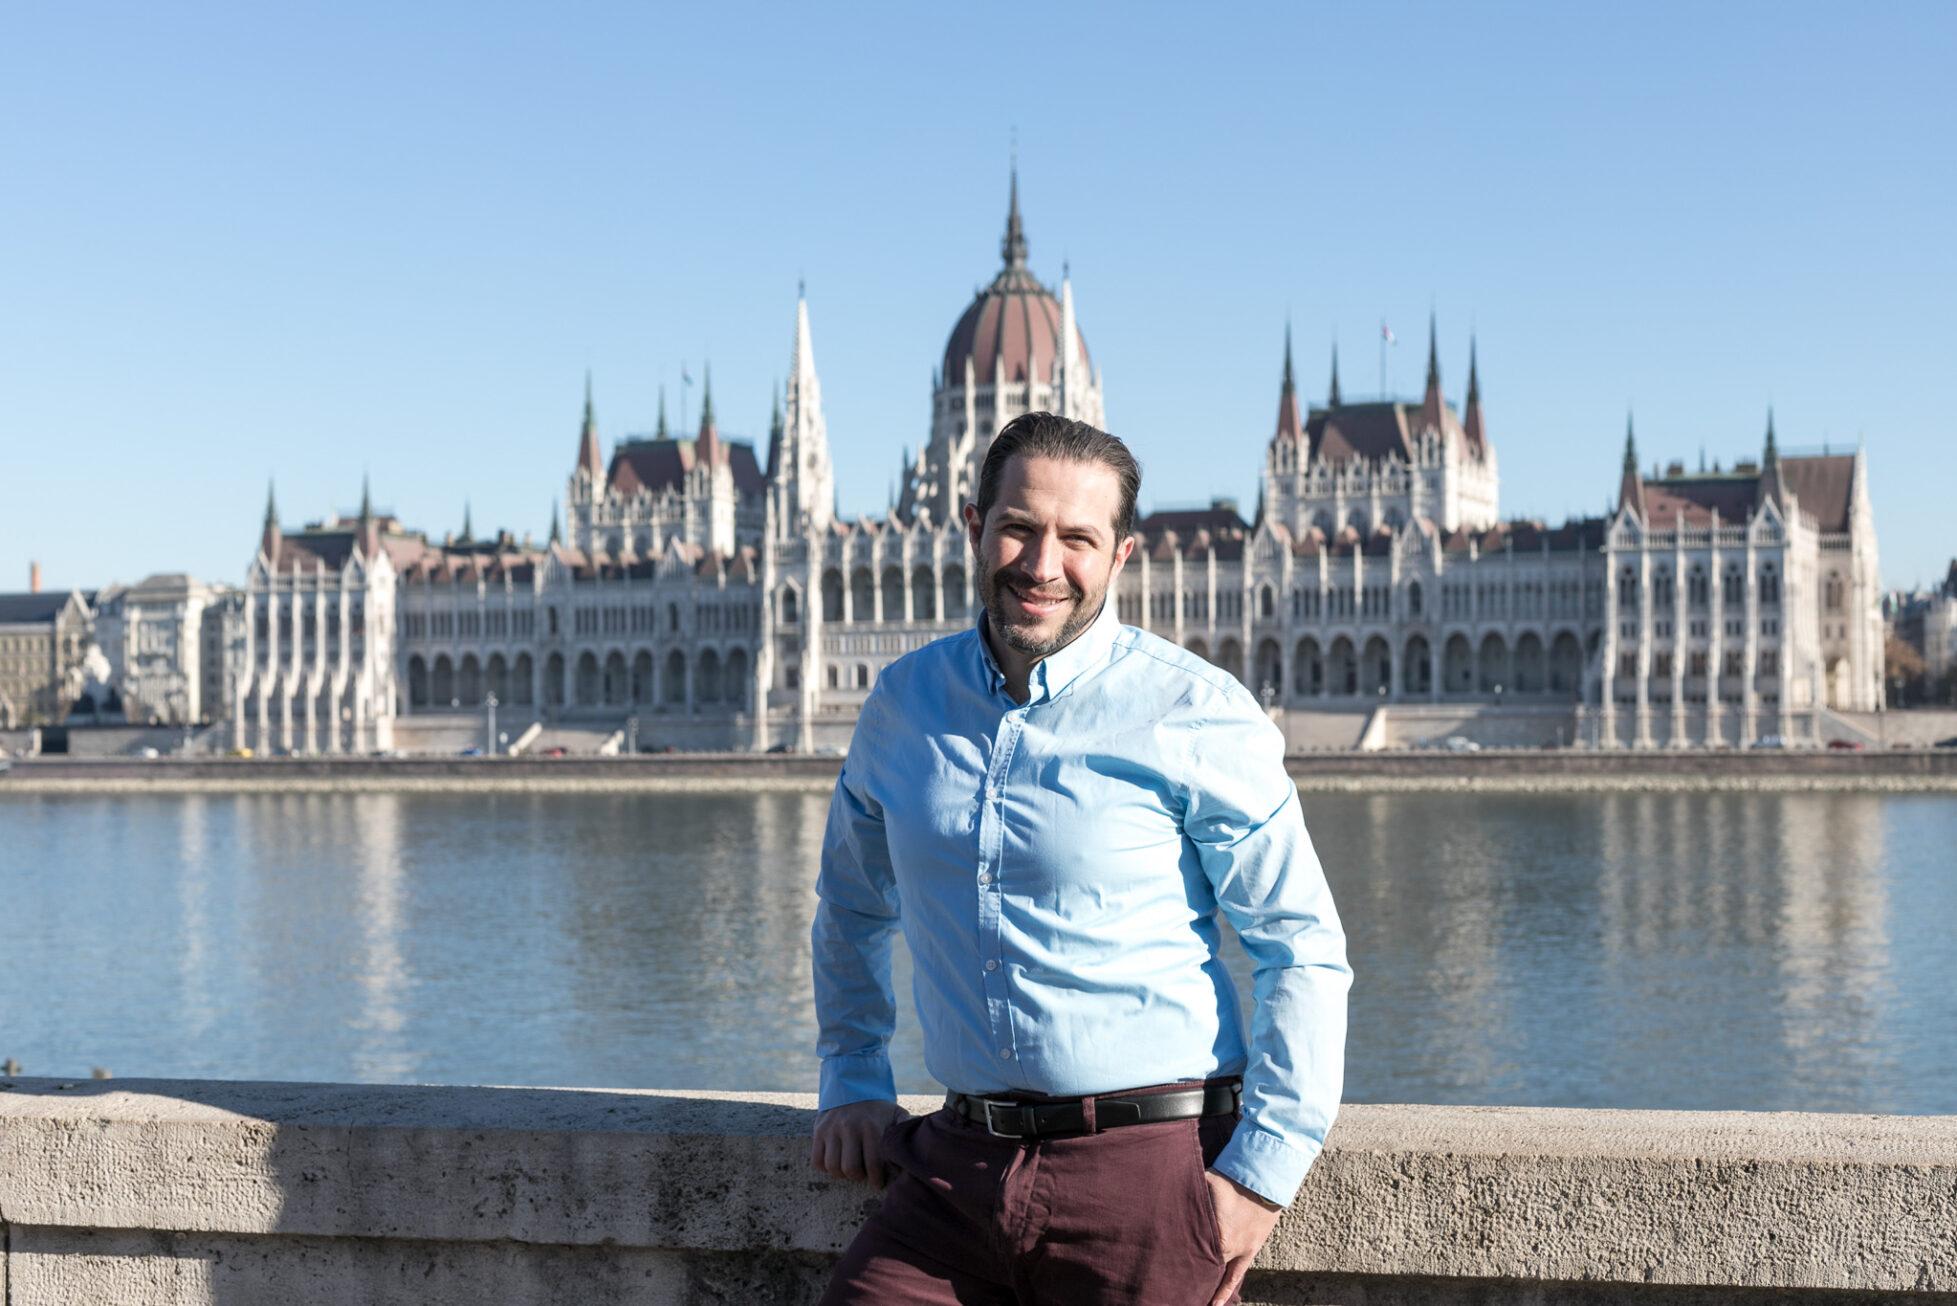 parliament building portrait budapest